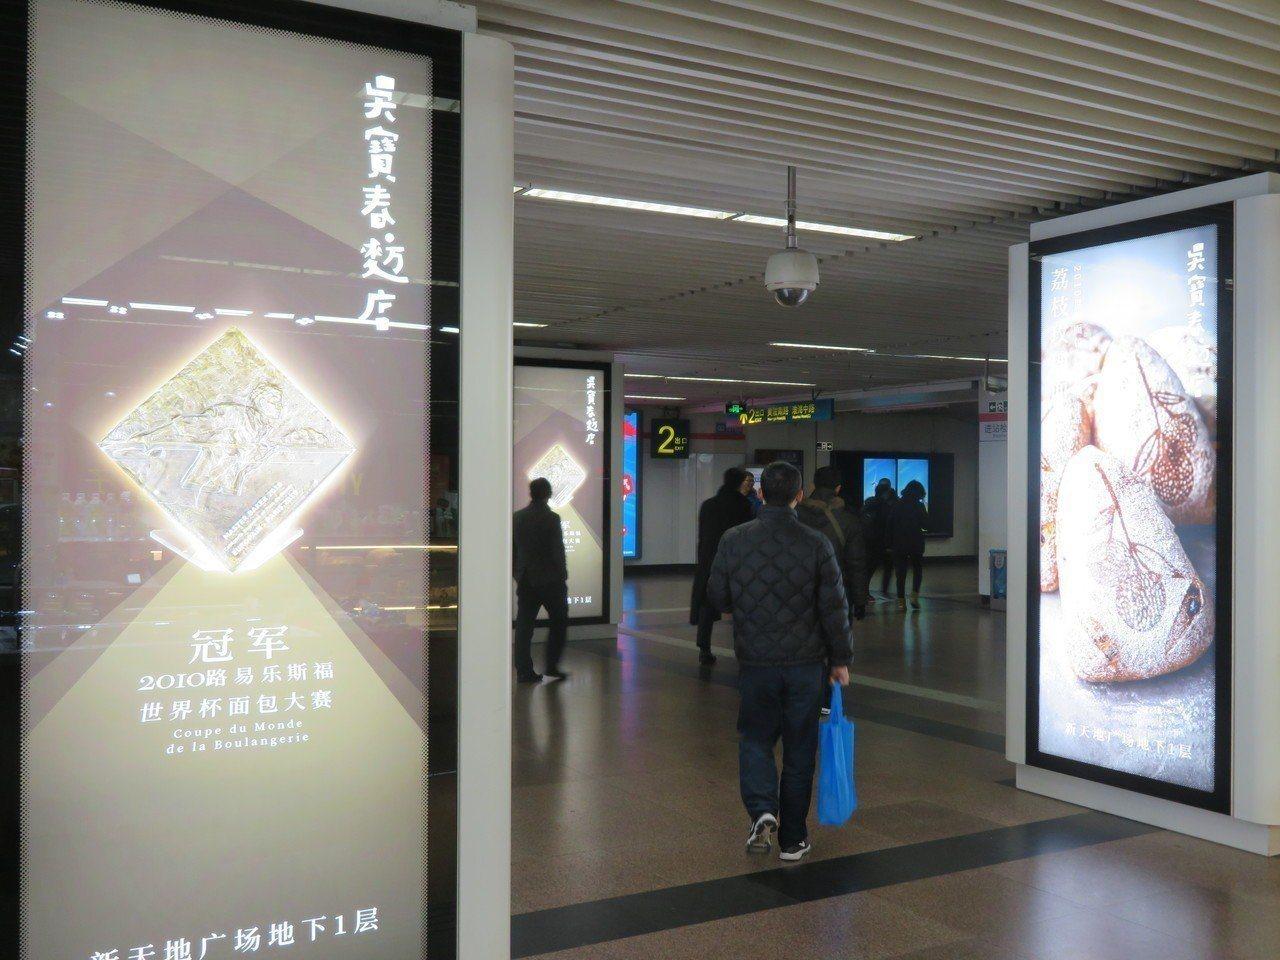 吳寶春在大陸首家麵包店預計18日正式開業,一出上海地鐵一號線黃陂南路站即可看到明...